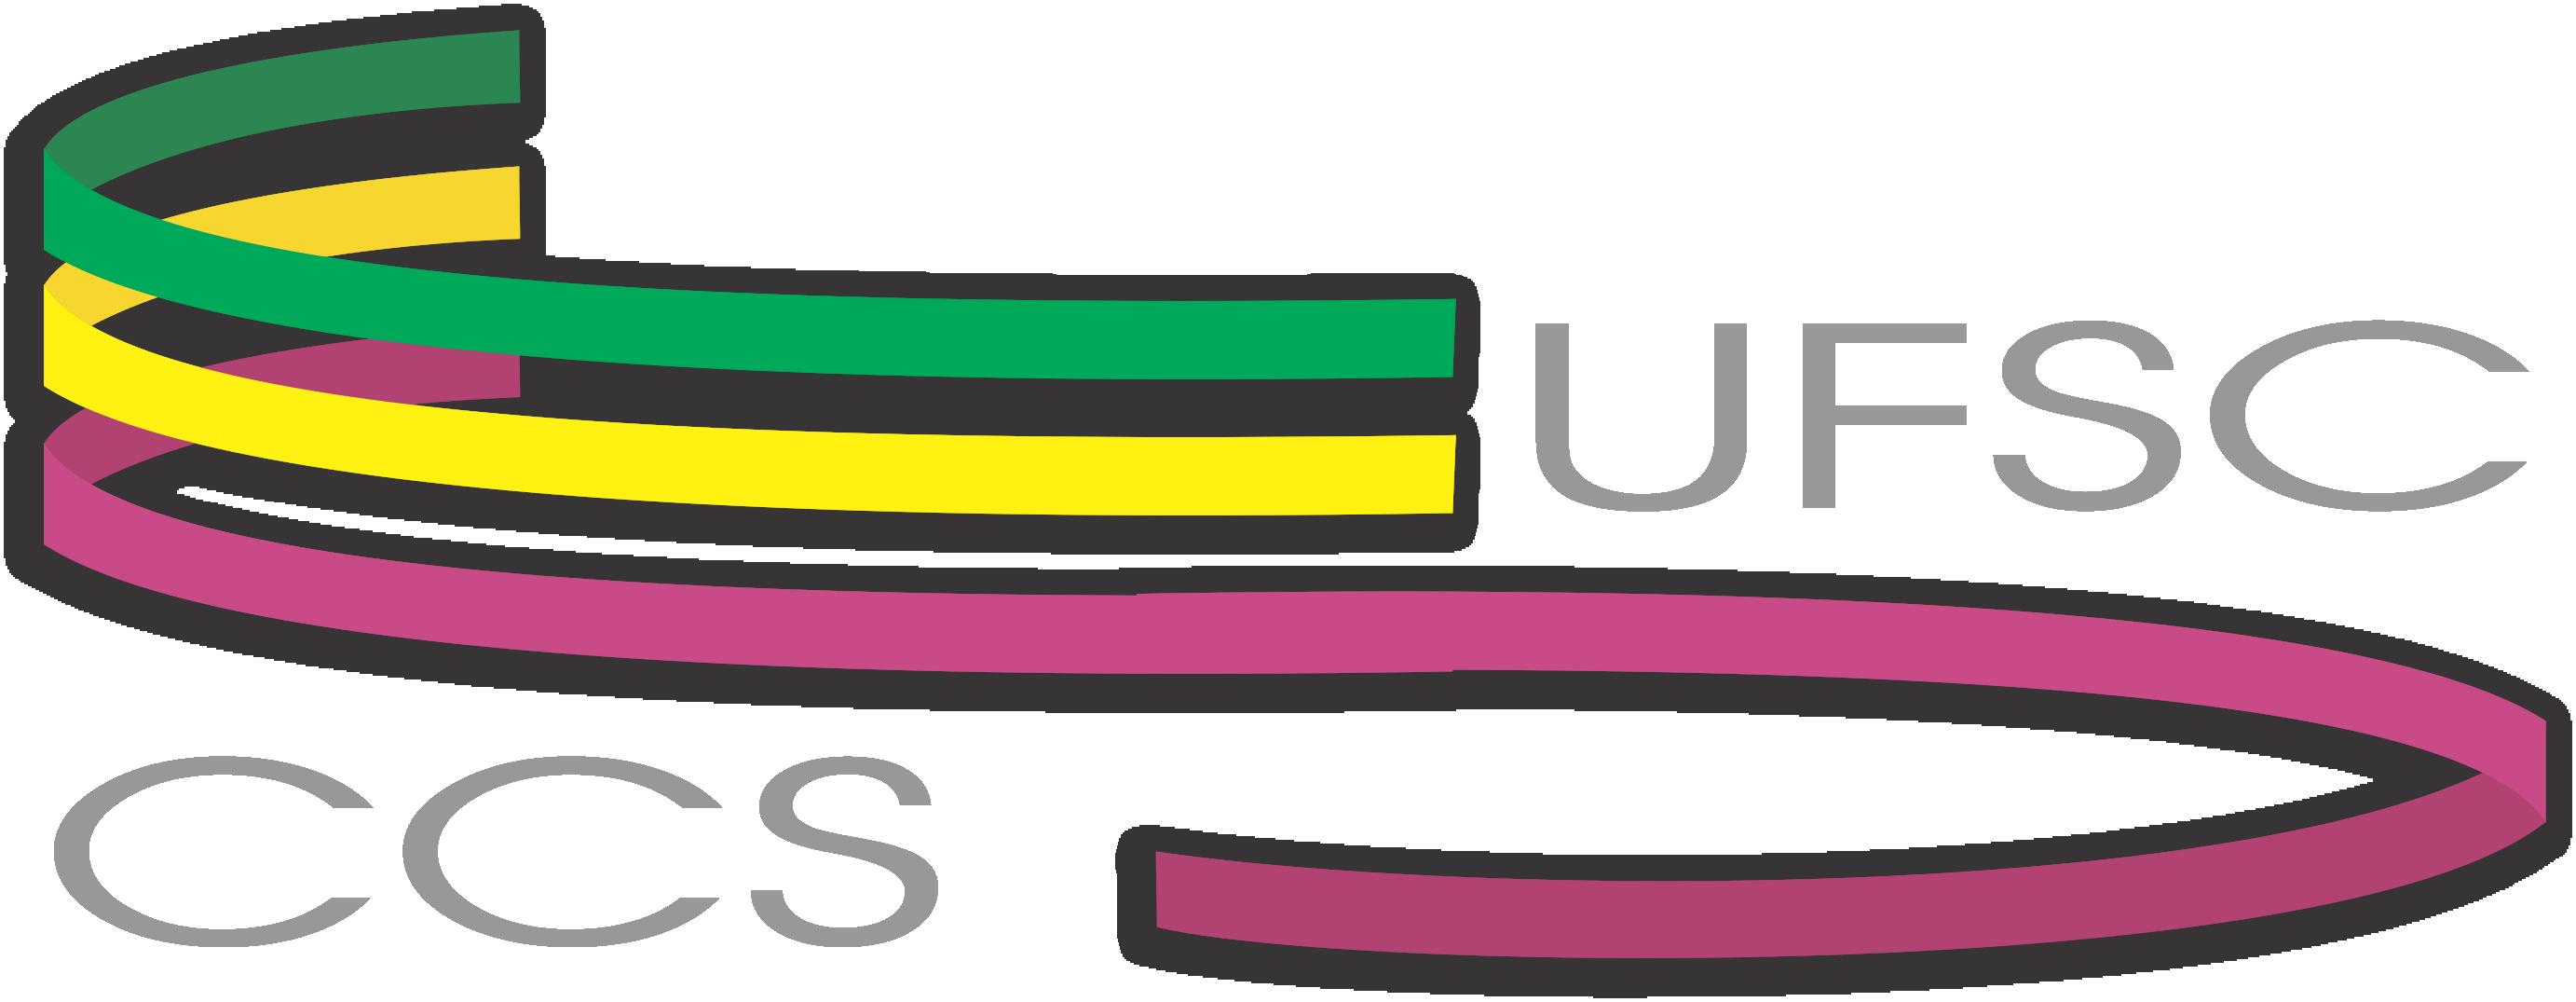 Processo Seletivo para Residência Integrada Multiprofissional - HU - Edital 02/2012